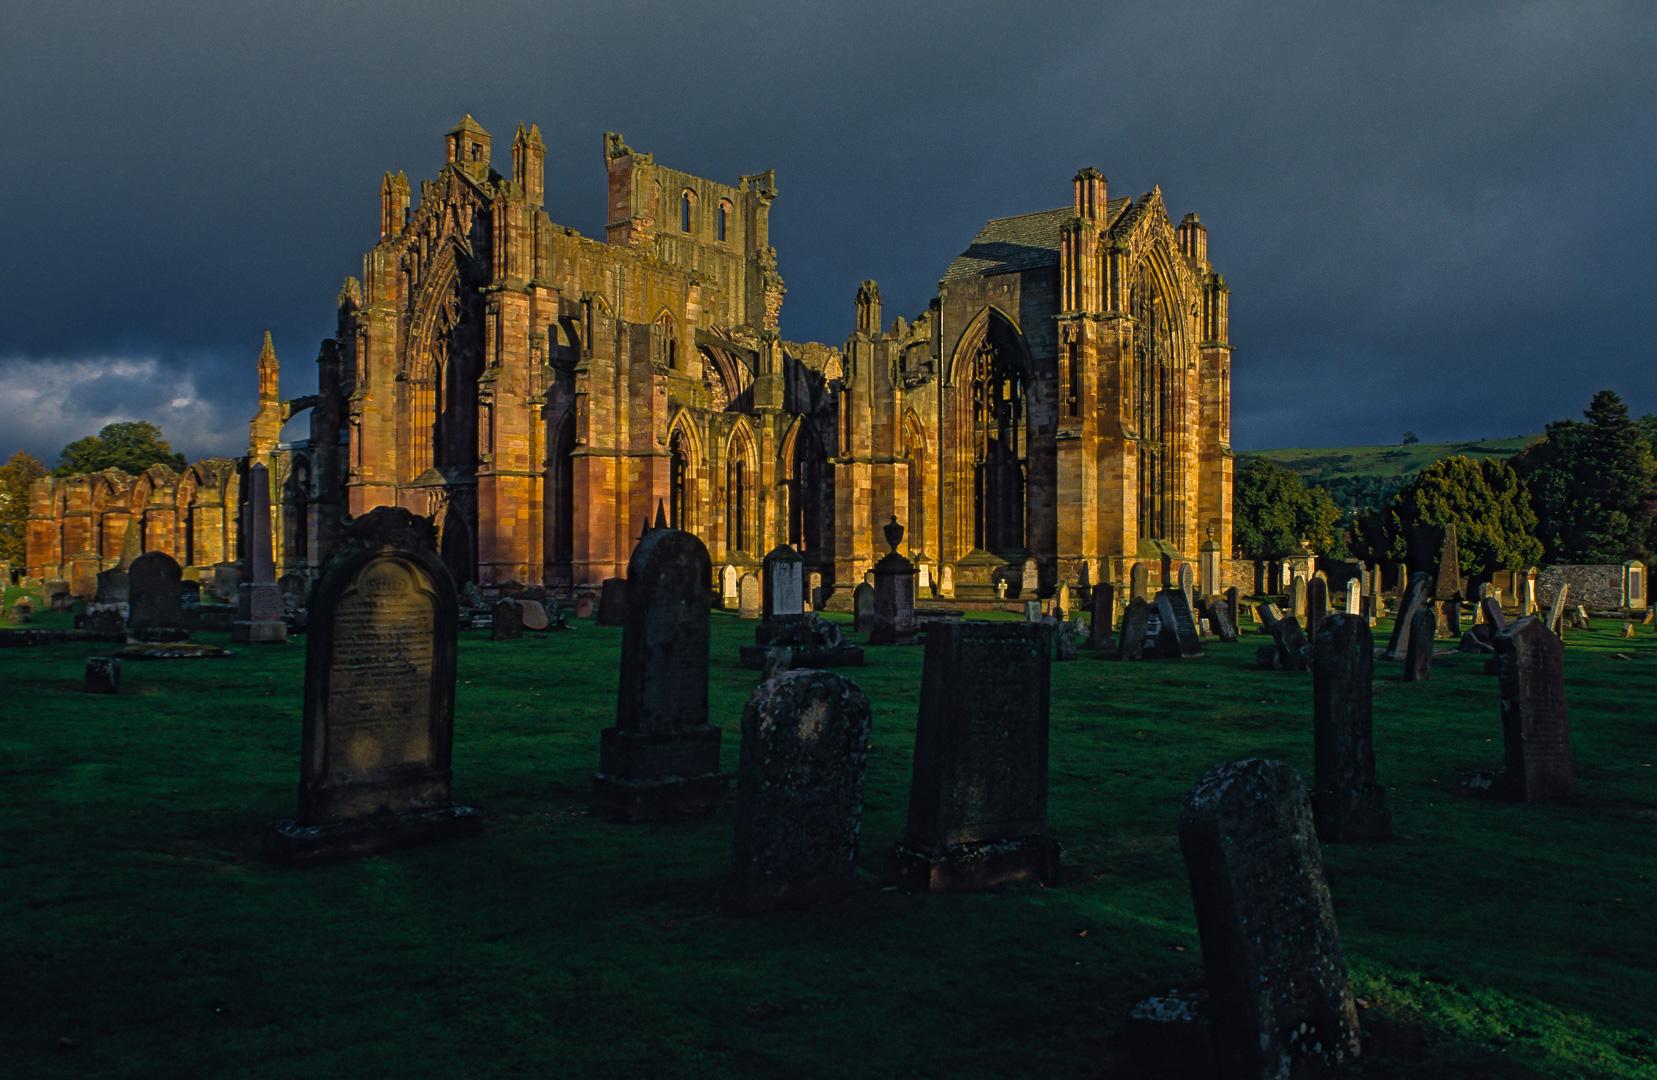 UK-Scotland England das Melrose Abbey in Schottland Kirche Ruine eines Klosters